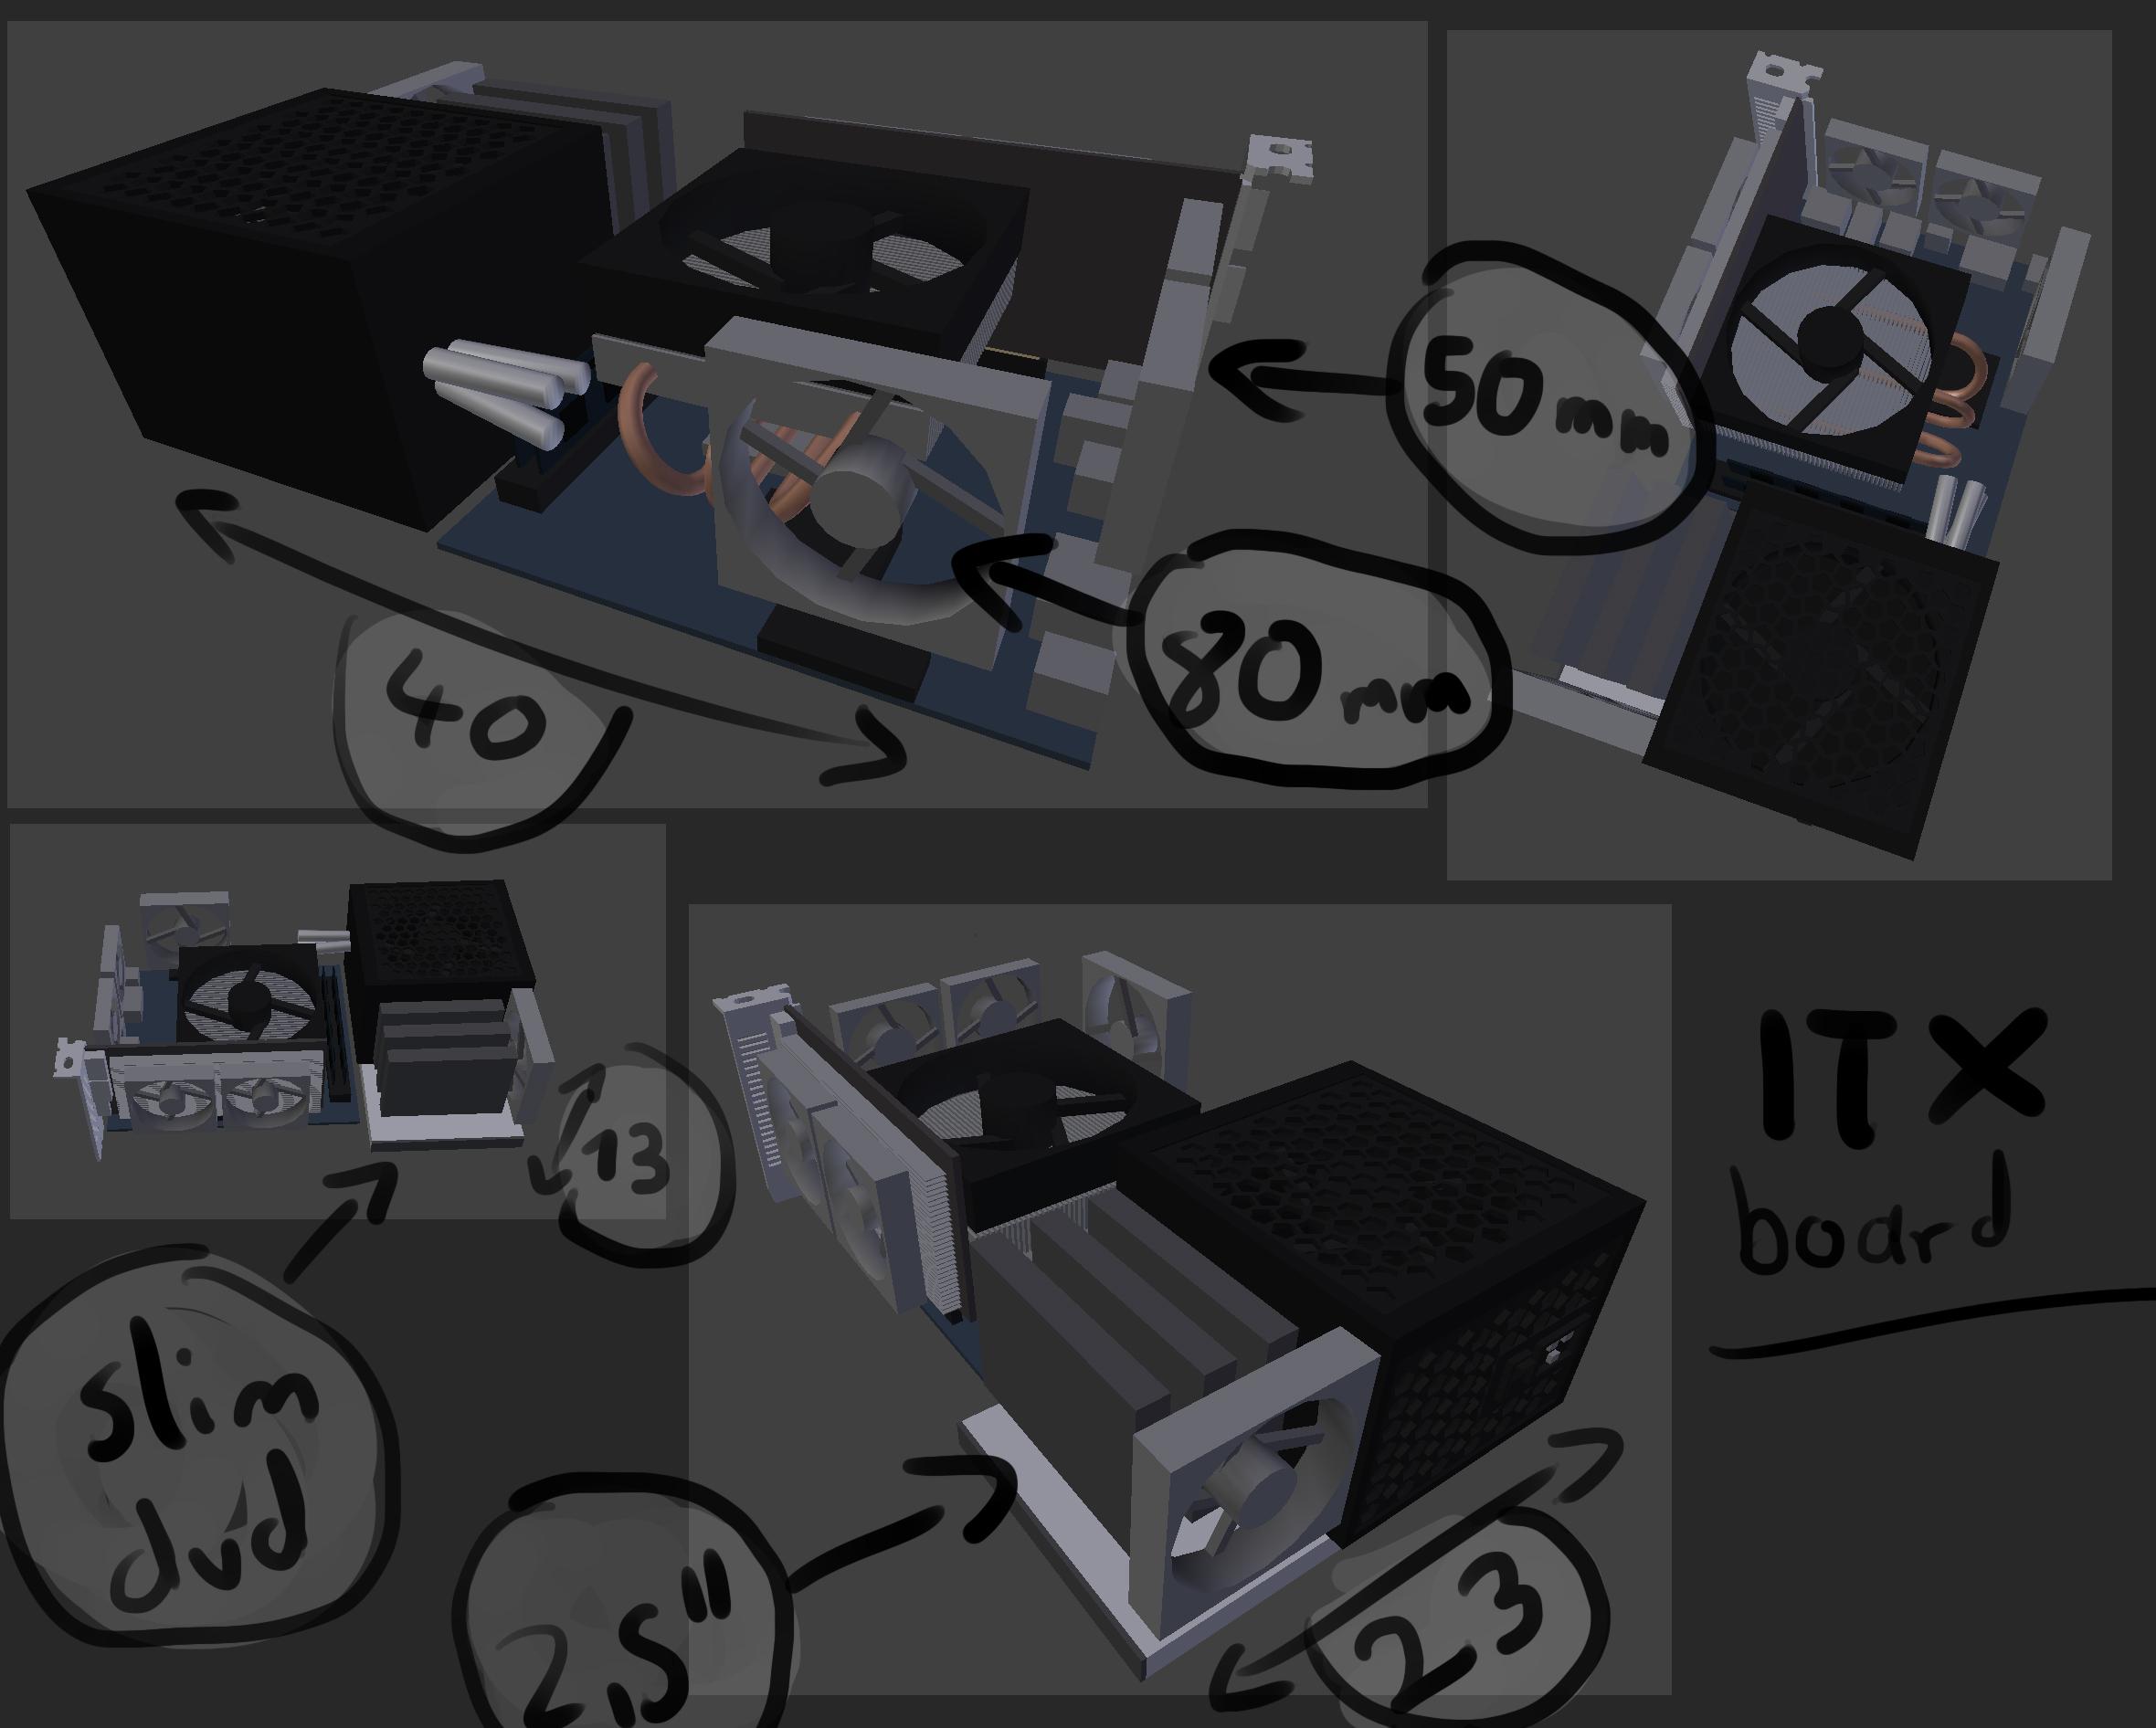 mini pc case konzept umsetzbar. Black Bedroom Furniture Sets. Home Design Ideas